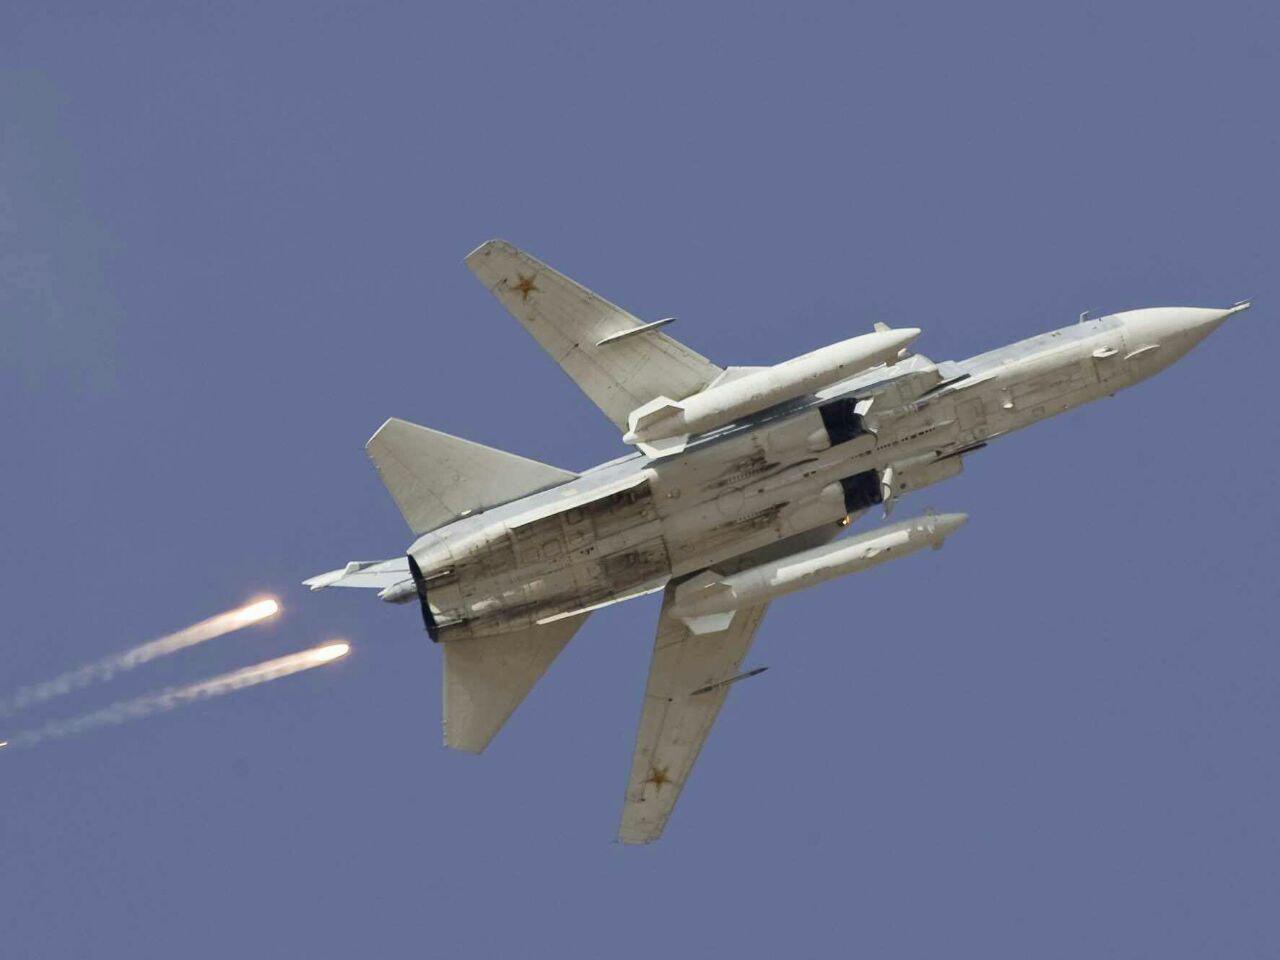 صورة روسيا تعتزم تجريب مقاتلات جديدة بسوريا